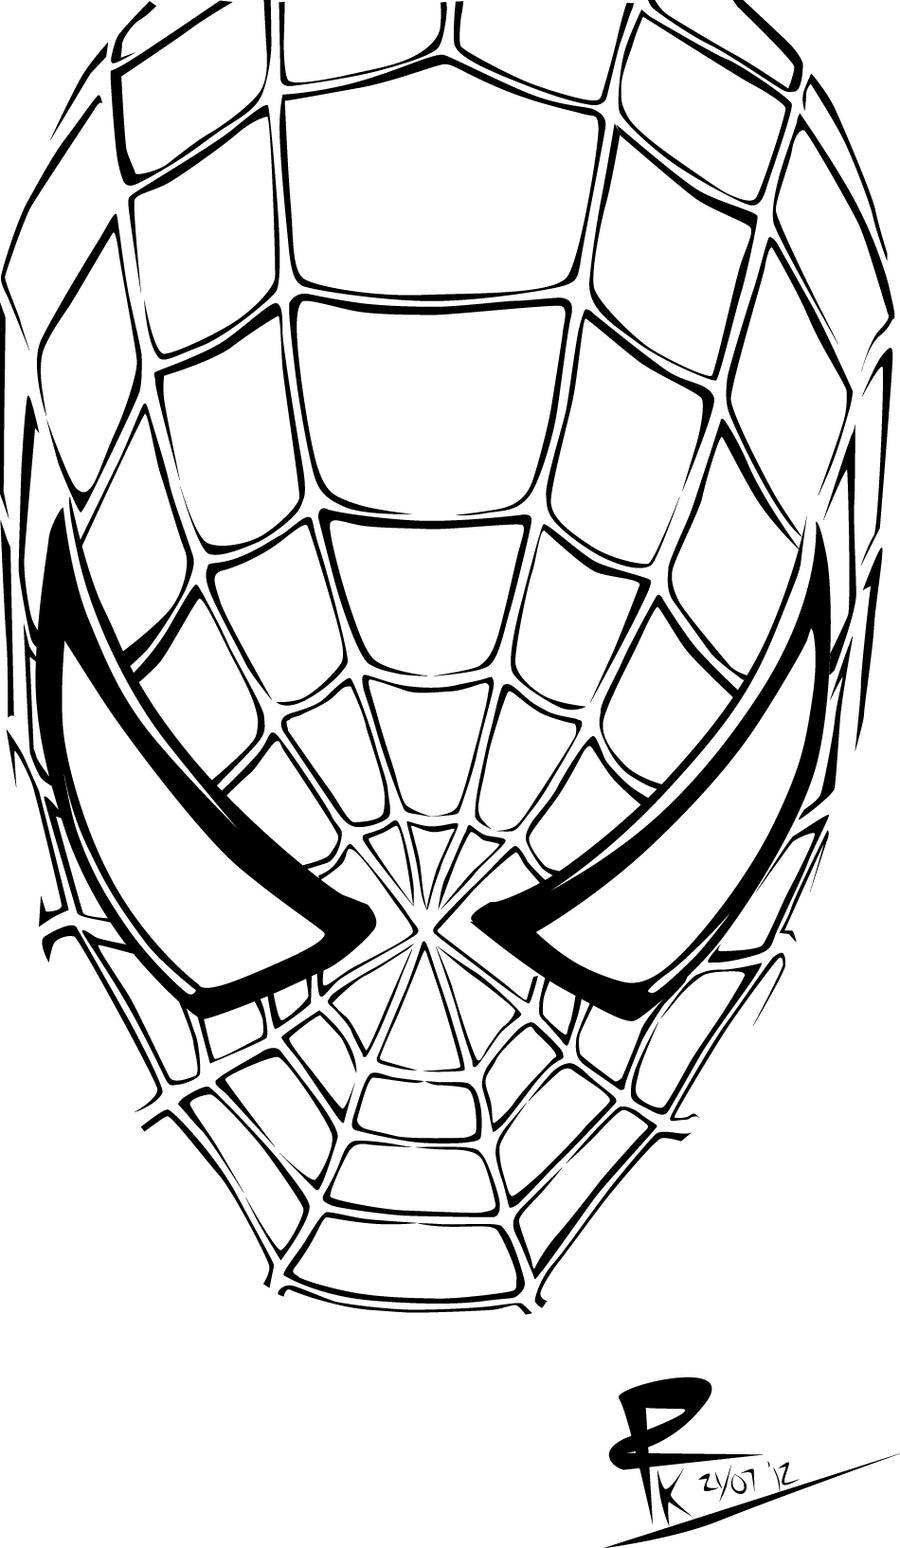 Spiderman By Kuswara On Deviantart